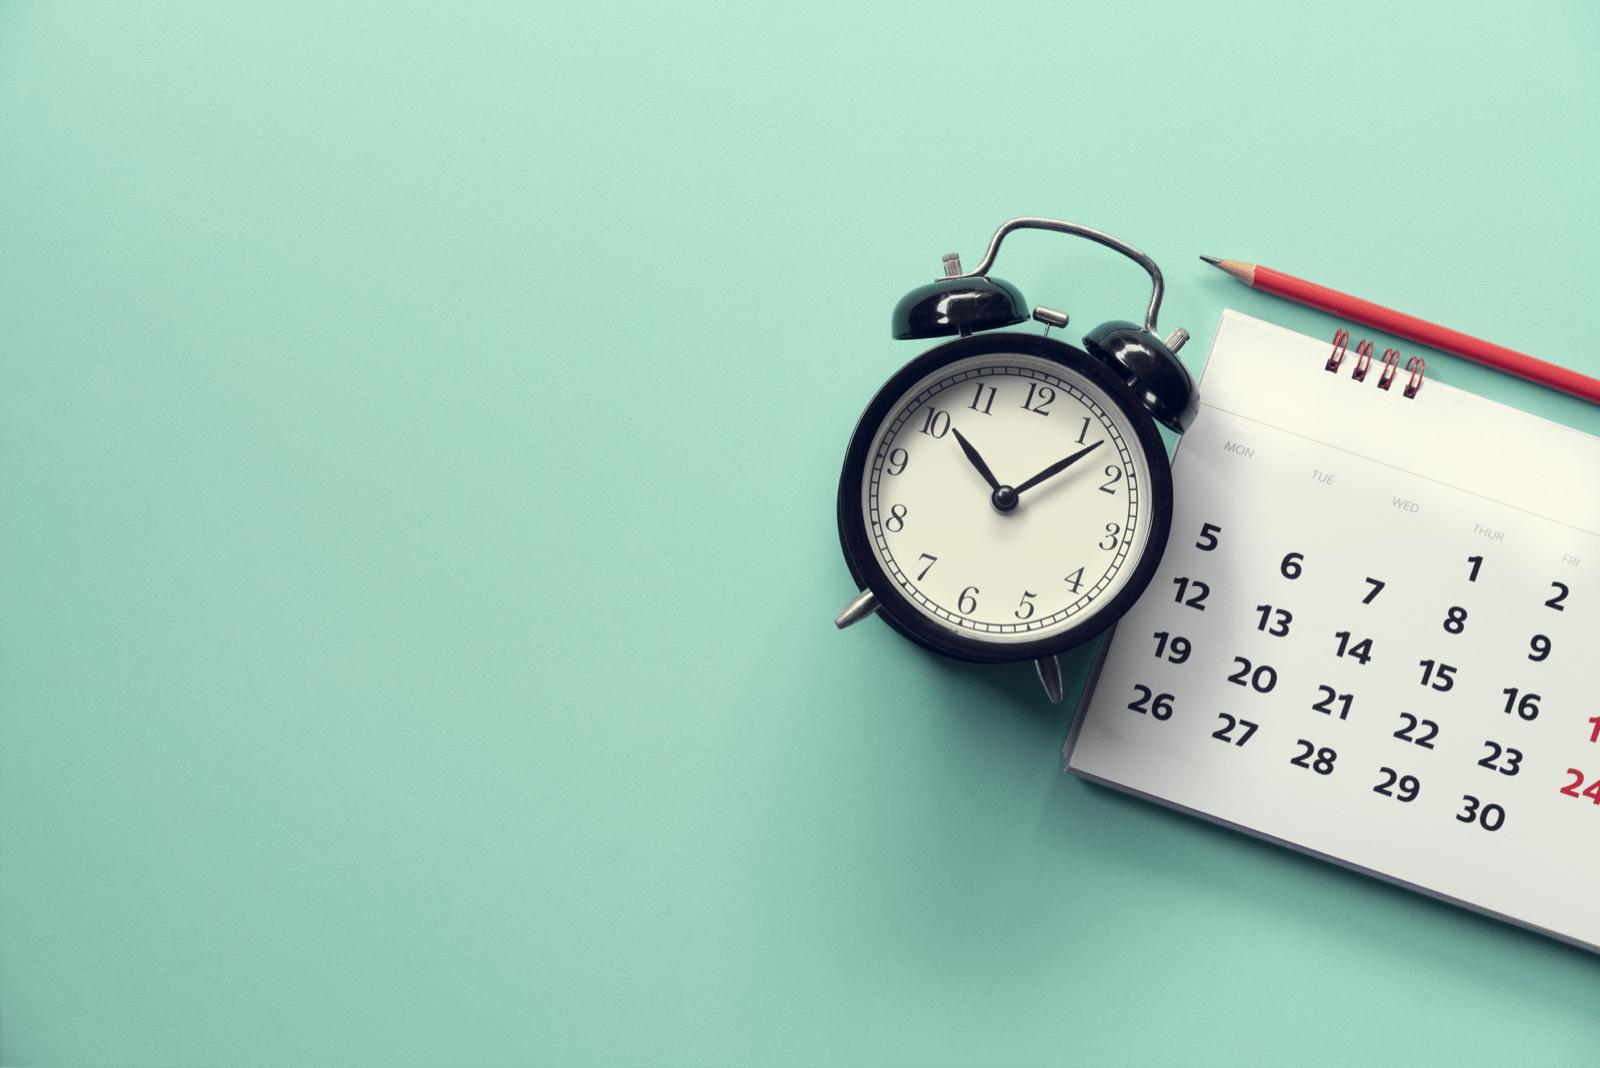 目覚まし時計とカレンダー